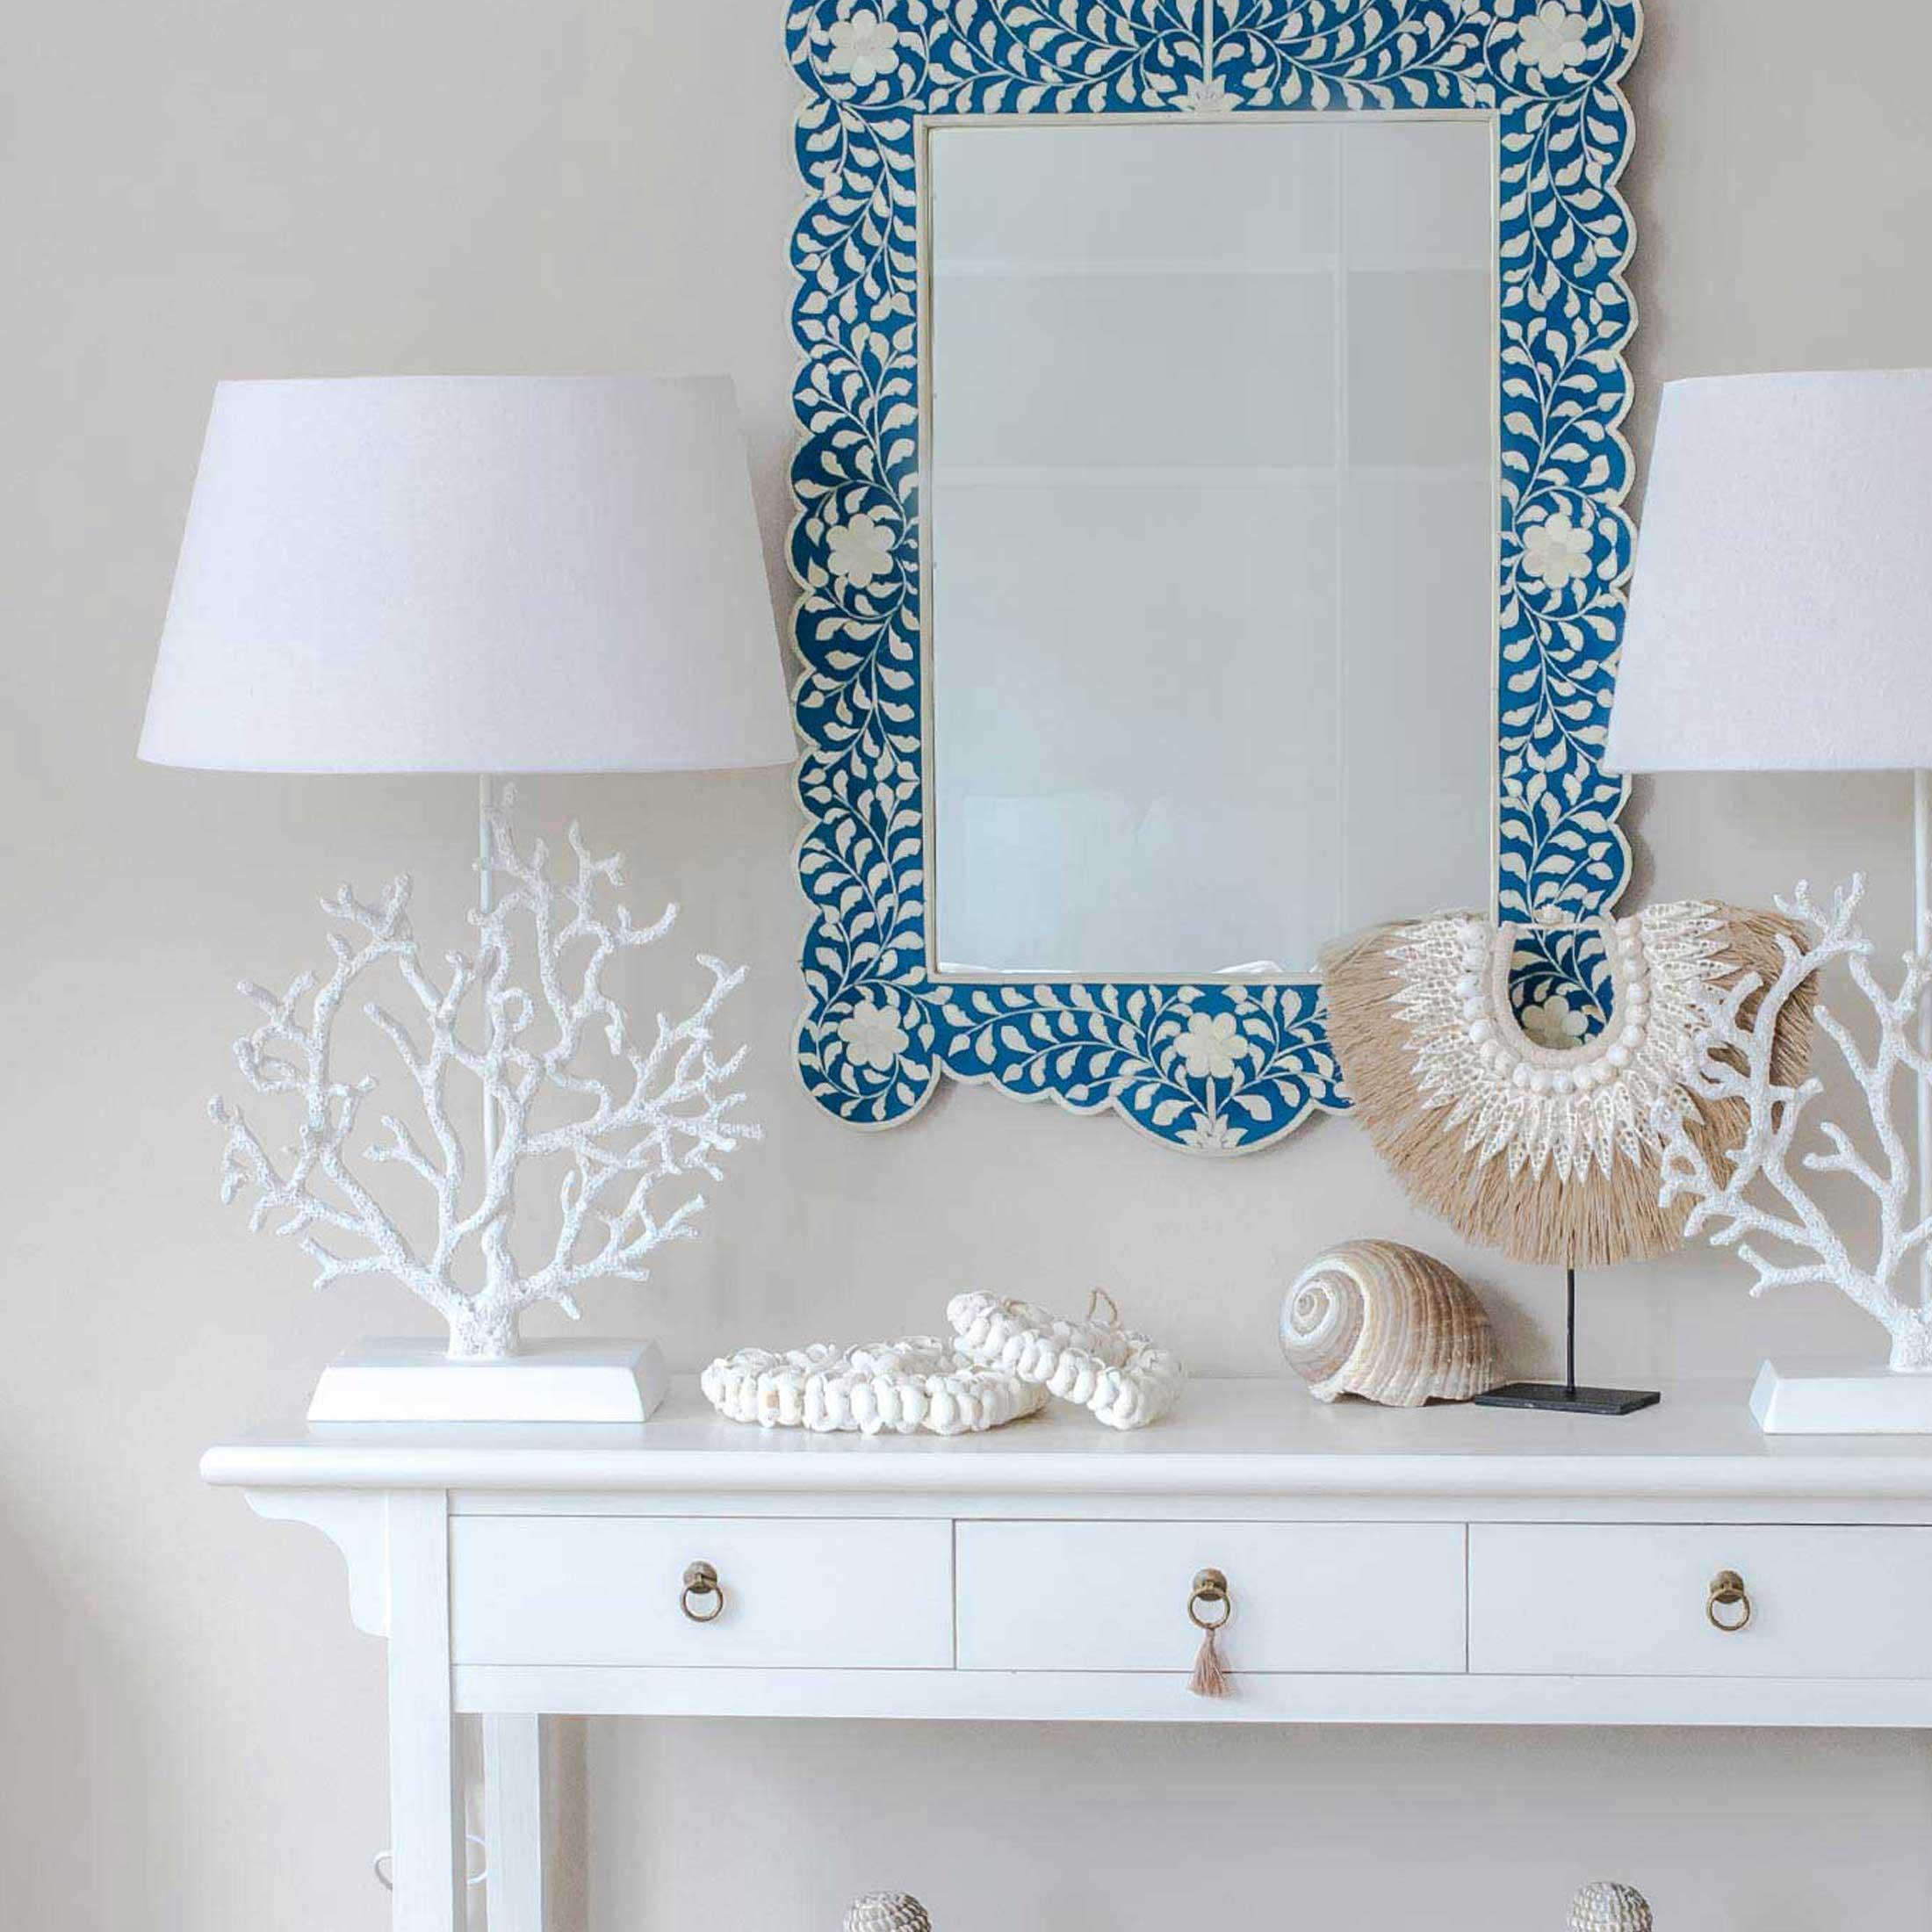 Weisse Tischlampe im maritimen Stil mit einer weißen Koralle. Verlieben Sie sich in die Lampe im Ibiza Sommer Look! Strandhaus Wohndeko im Soulbirdee Onlineshop